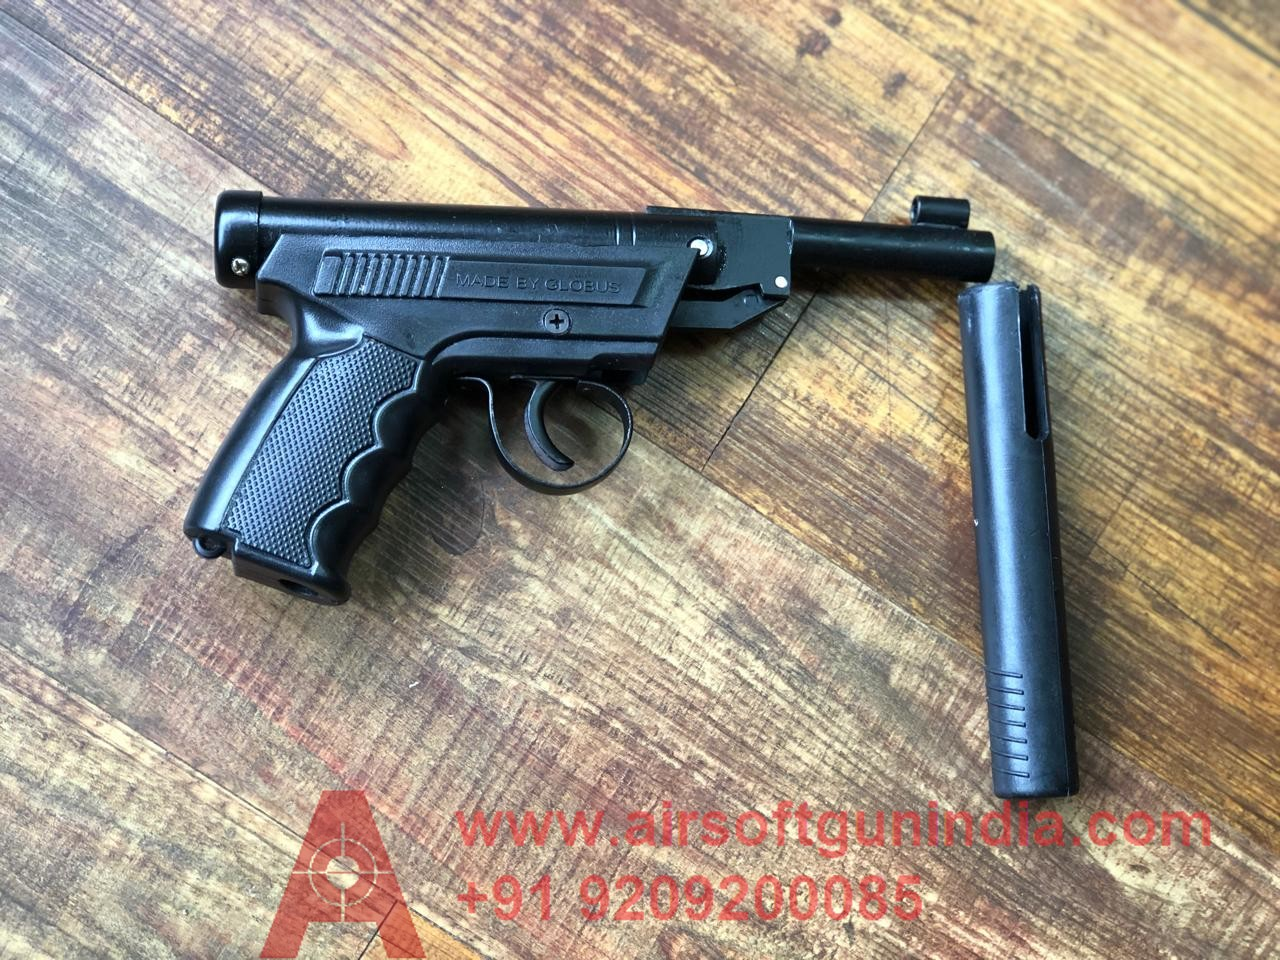 Globus Ferrari Sports Cheap Air Pistol By Airsoft Gun India